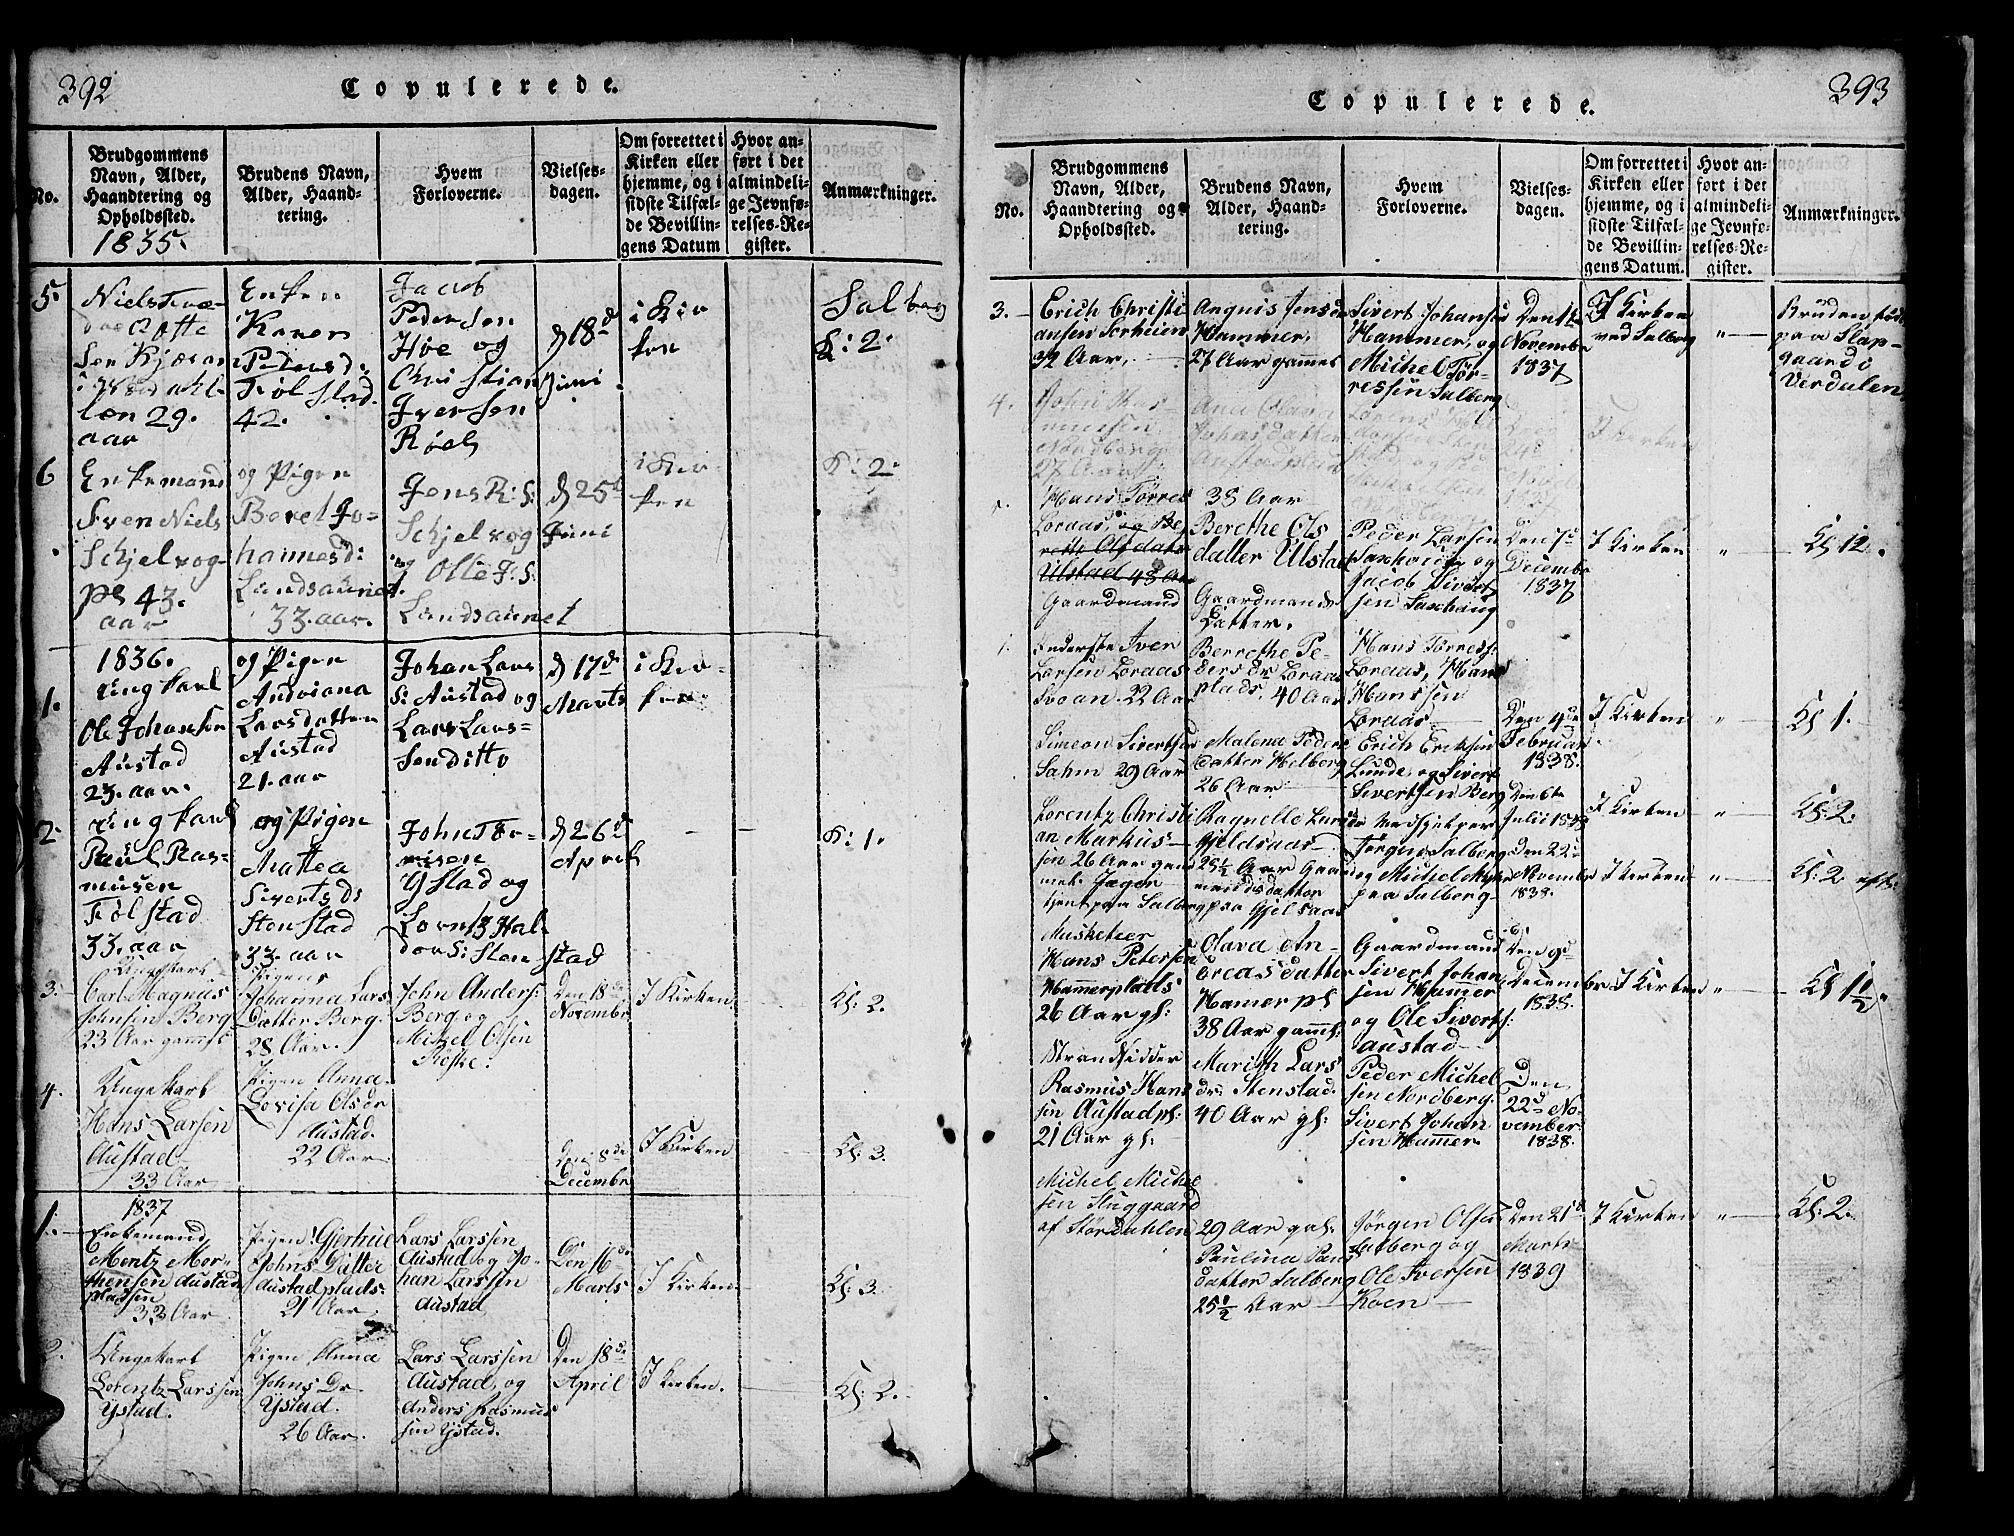 SAT, Ministerialprotokoller, klokkerbøker og fødselsregistre - Nord-Trøndelag, 731/L0310: Klokkerbok nr. 731C01, 1816-1874, s. 392-393